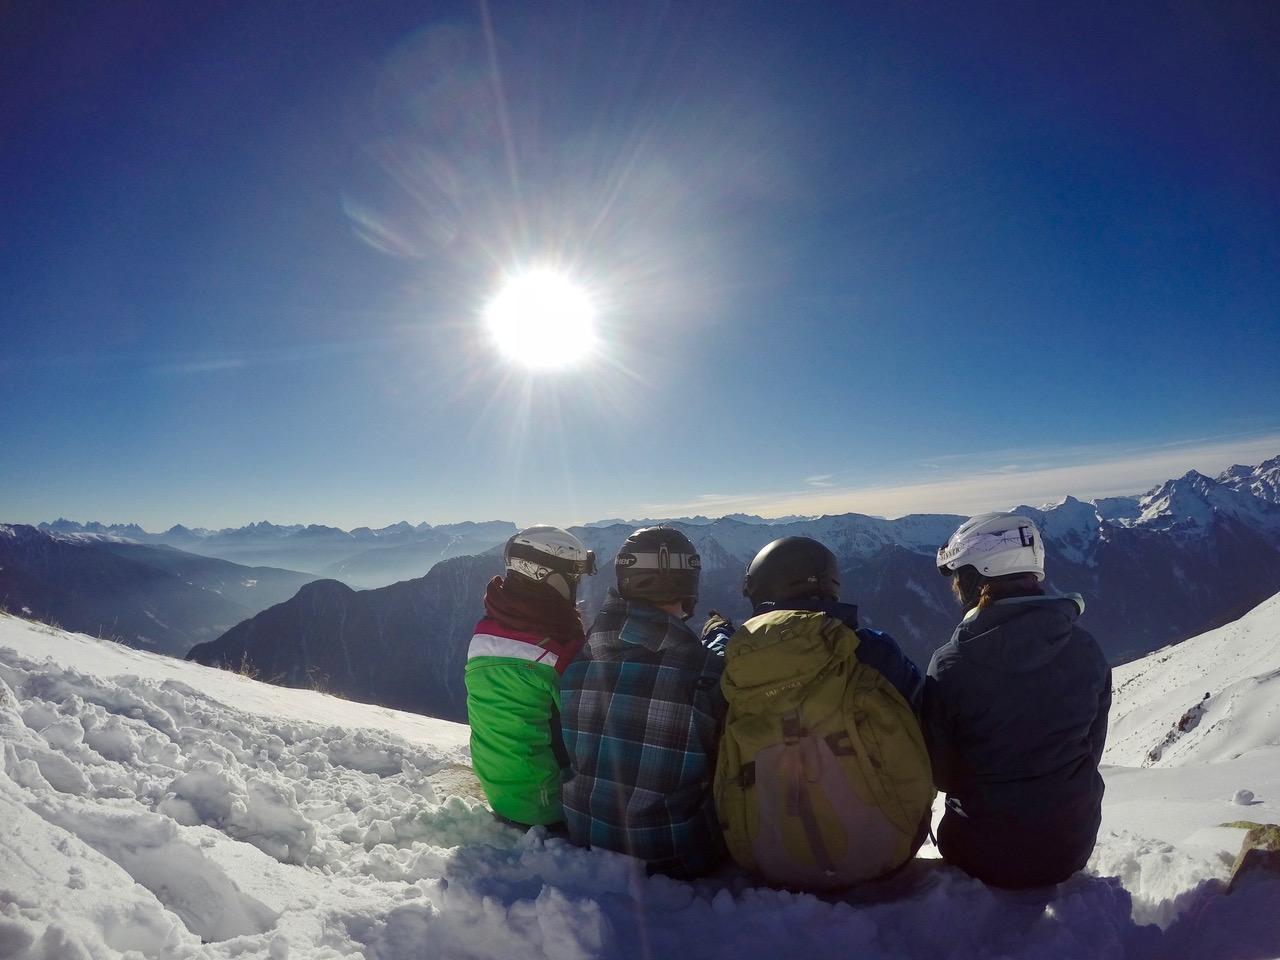 http://www.steingymnasium.de/wp-content/uploads/2017/01/die-Skifahrer-blicken-auf-die-Dolomiten.jpeg